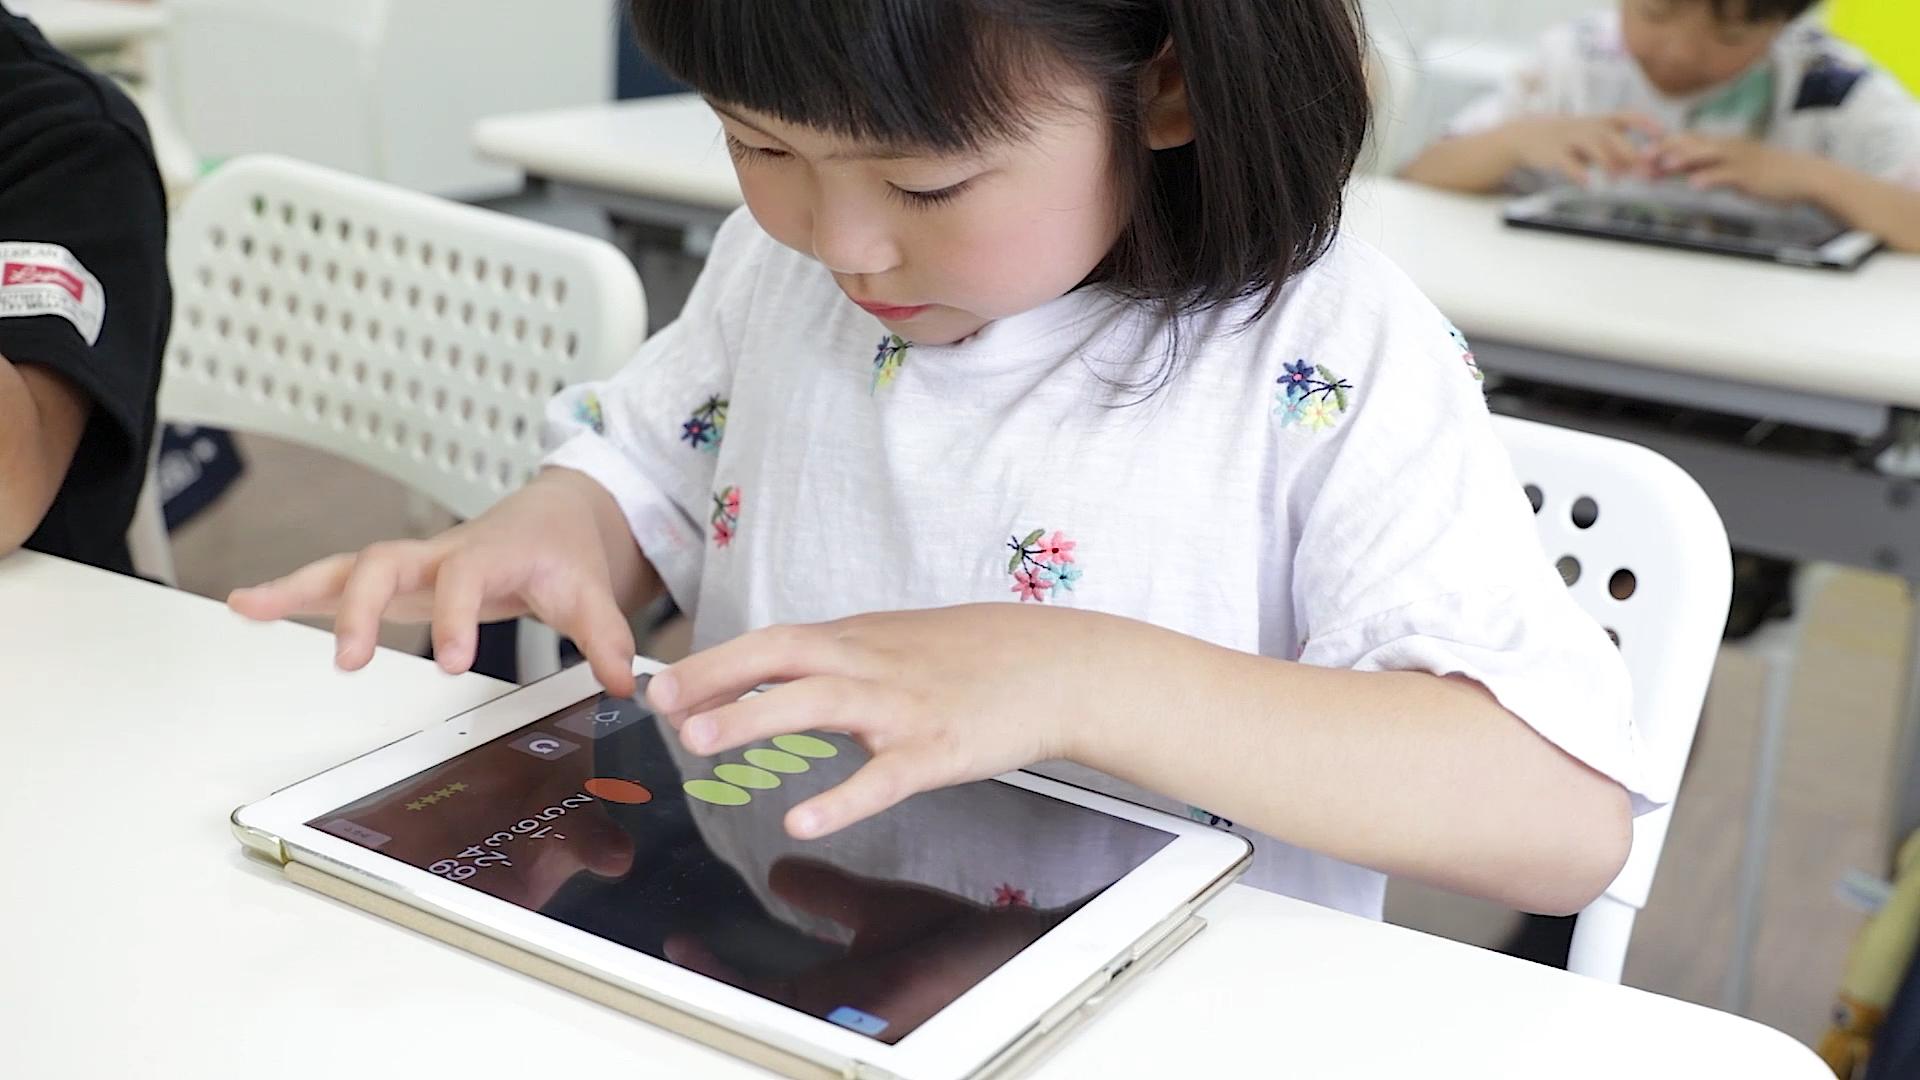 【金沢のそろばん教室】なぜそろばんは子供を賢くするのか?